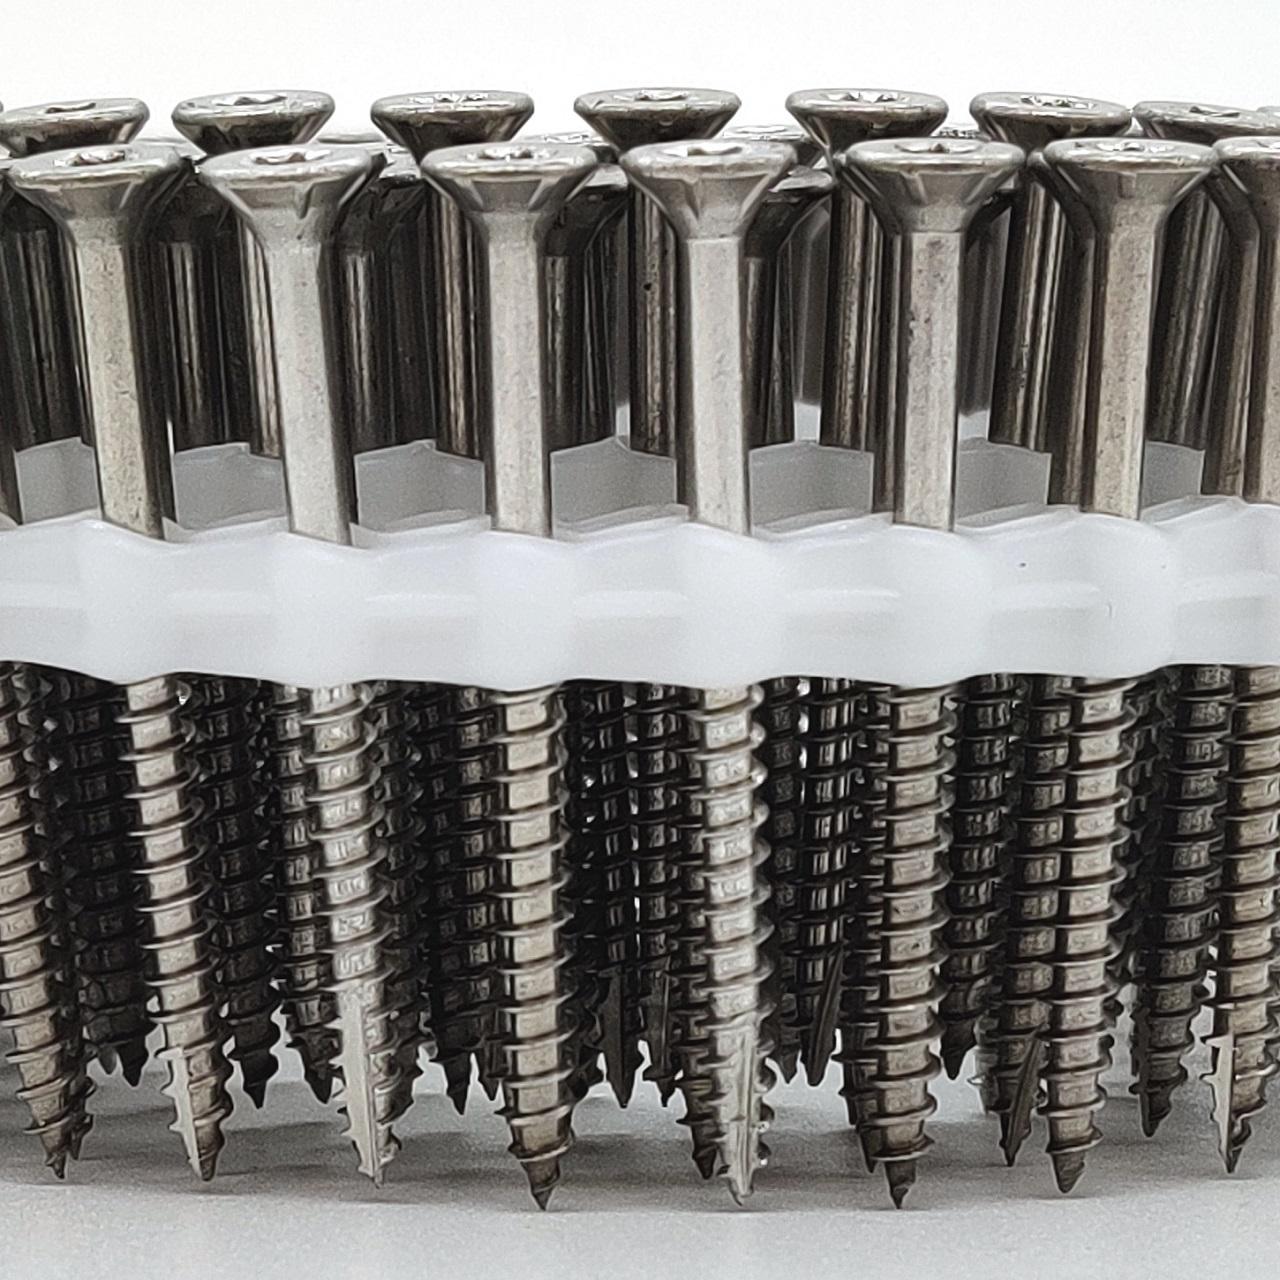 Coil Universalschrauben | rostfrei A4 | Teilgewinde | 5,0x60 | 1.125 Stk